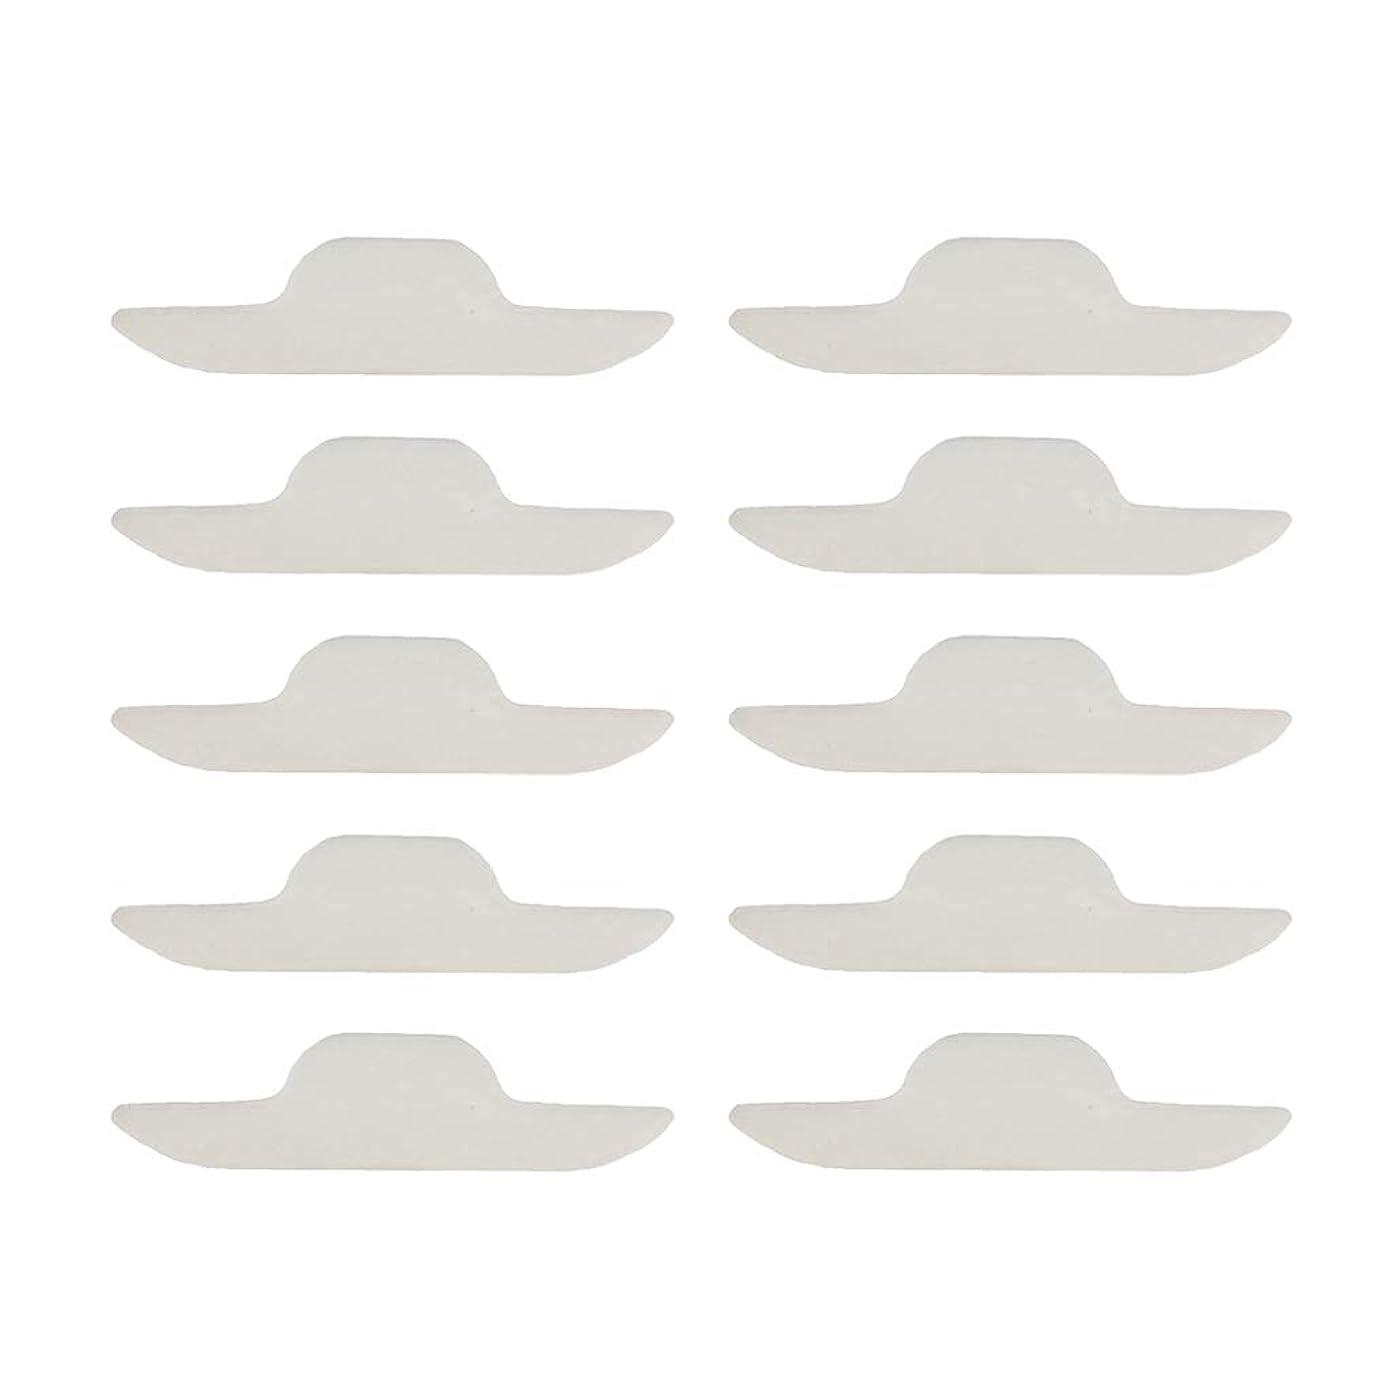 開示するセラー無効にするT TOOYFUL 使い捨て 汗取りパッド ネックスウェットパッド 自己接着 ユニセックス ポータブル 10個入